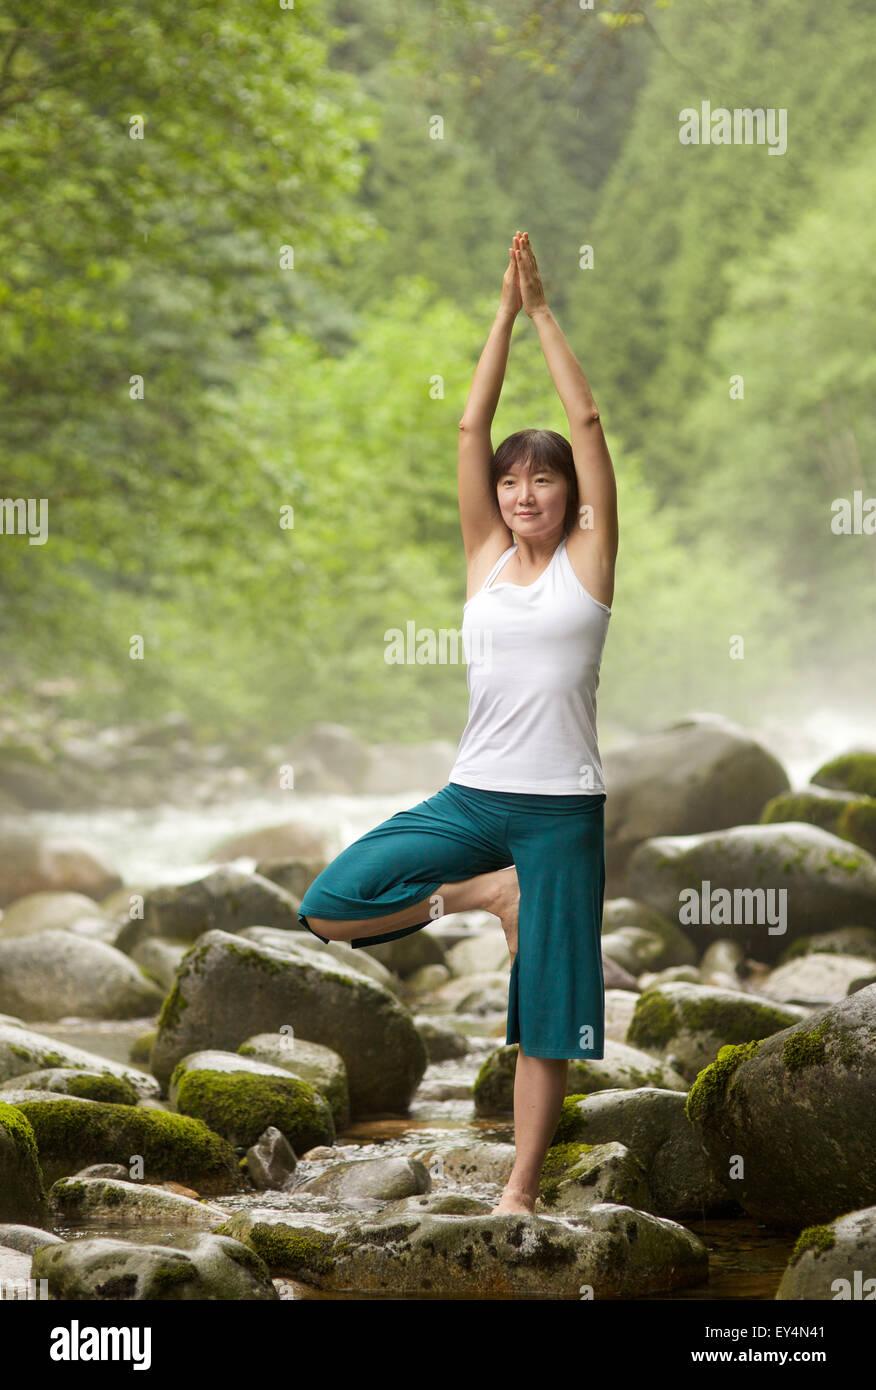 Donna asiatica di eseguire Vrksasana pongono yoga dal fiume, Lynn Valley, British Columbia, Canada Immagini Stock